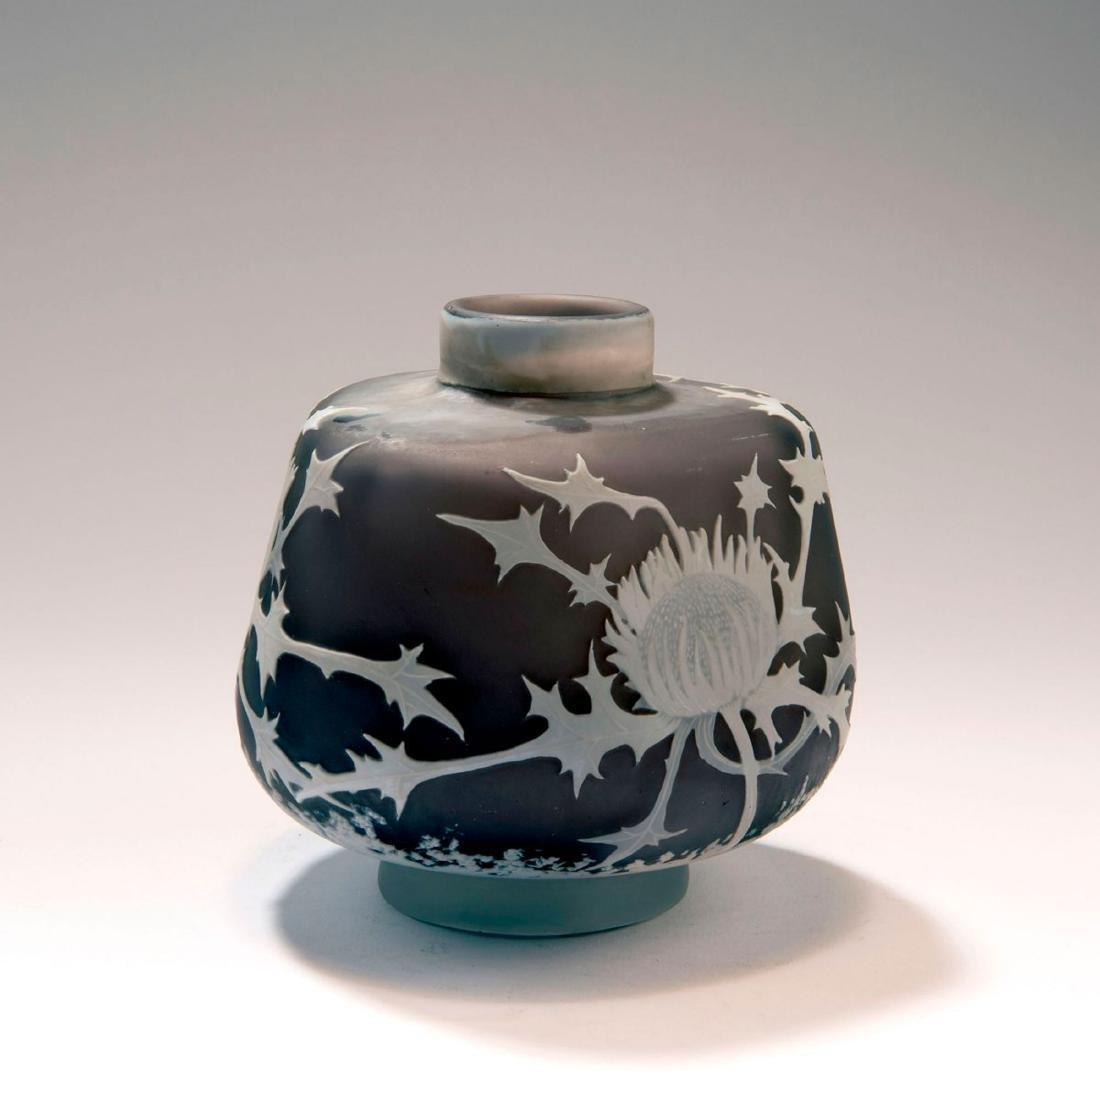 'Chardons' vase, c. 1907 - 2